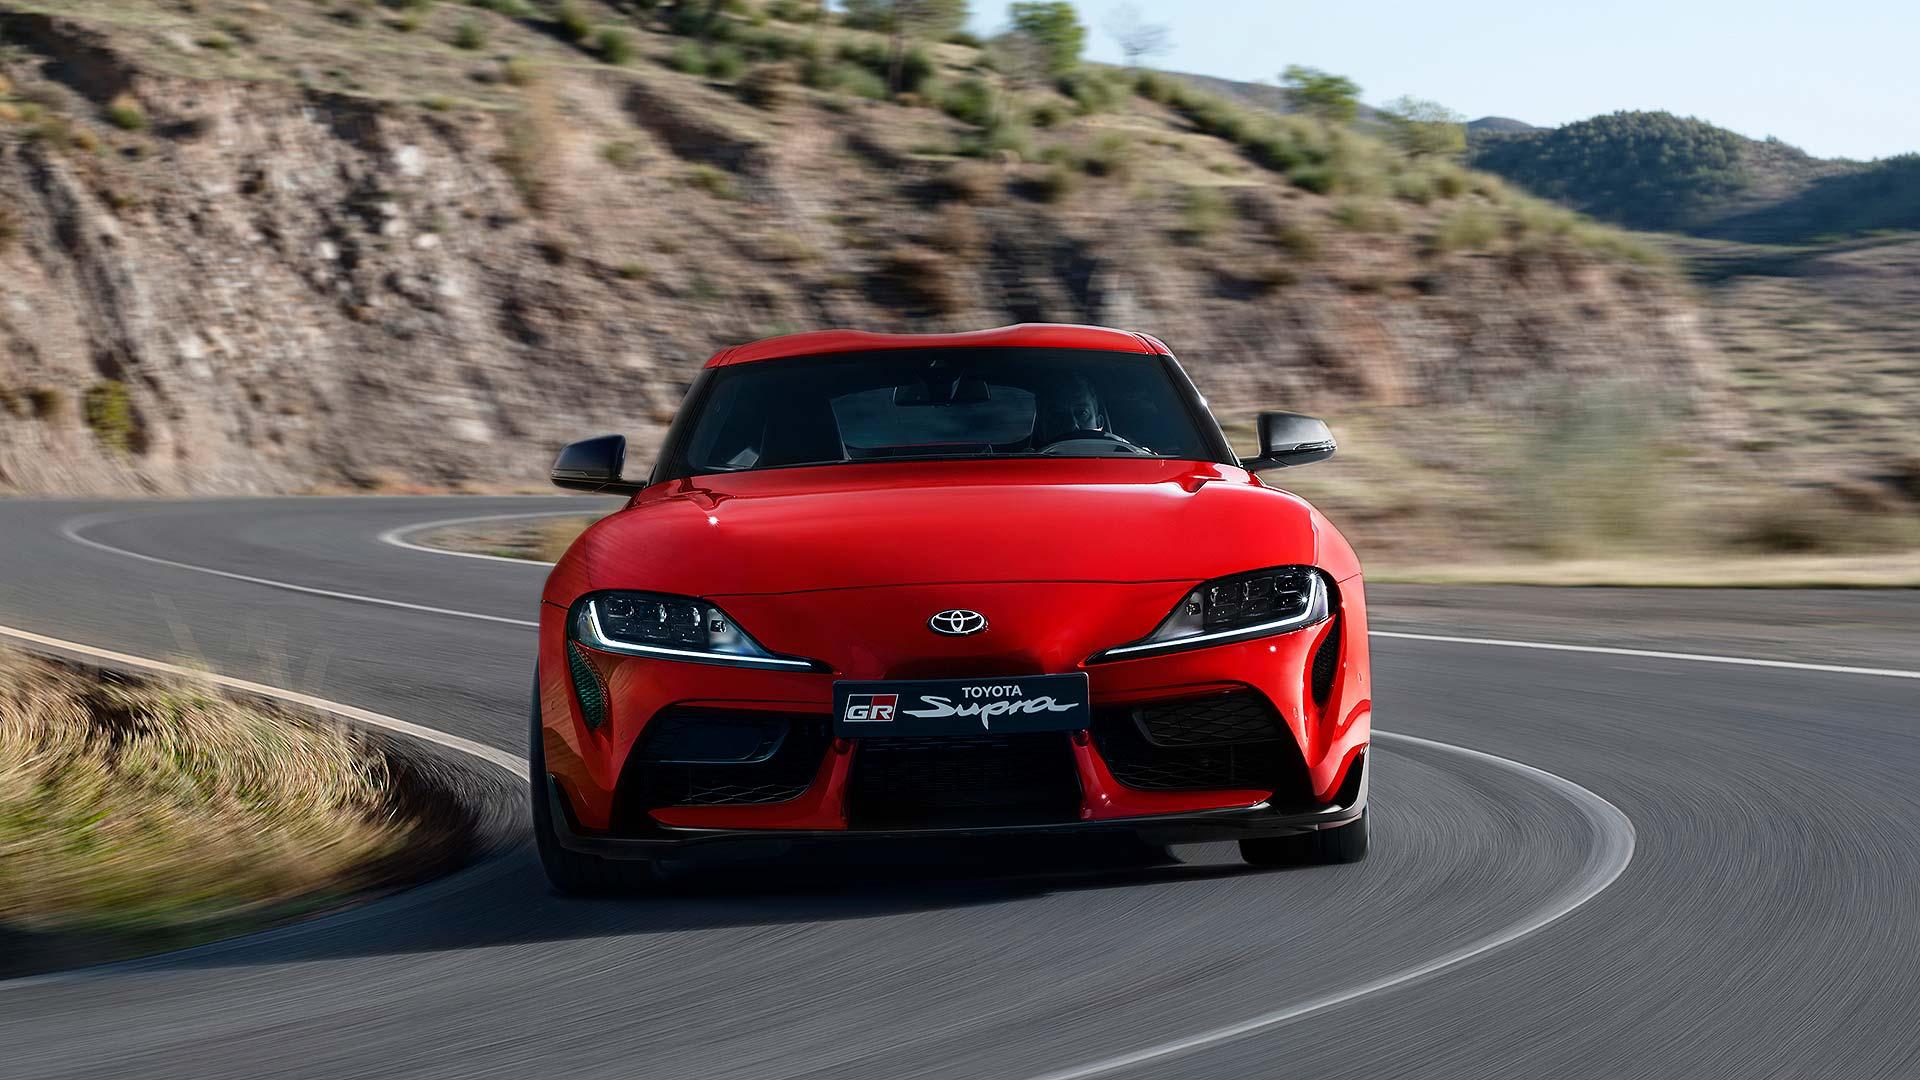 El Toyota Supra tendrá una versión más potente... y habrá sorpresa